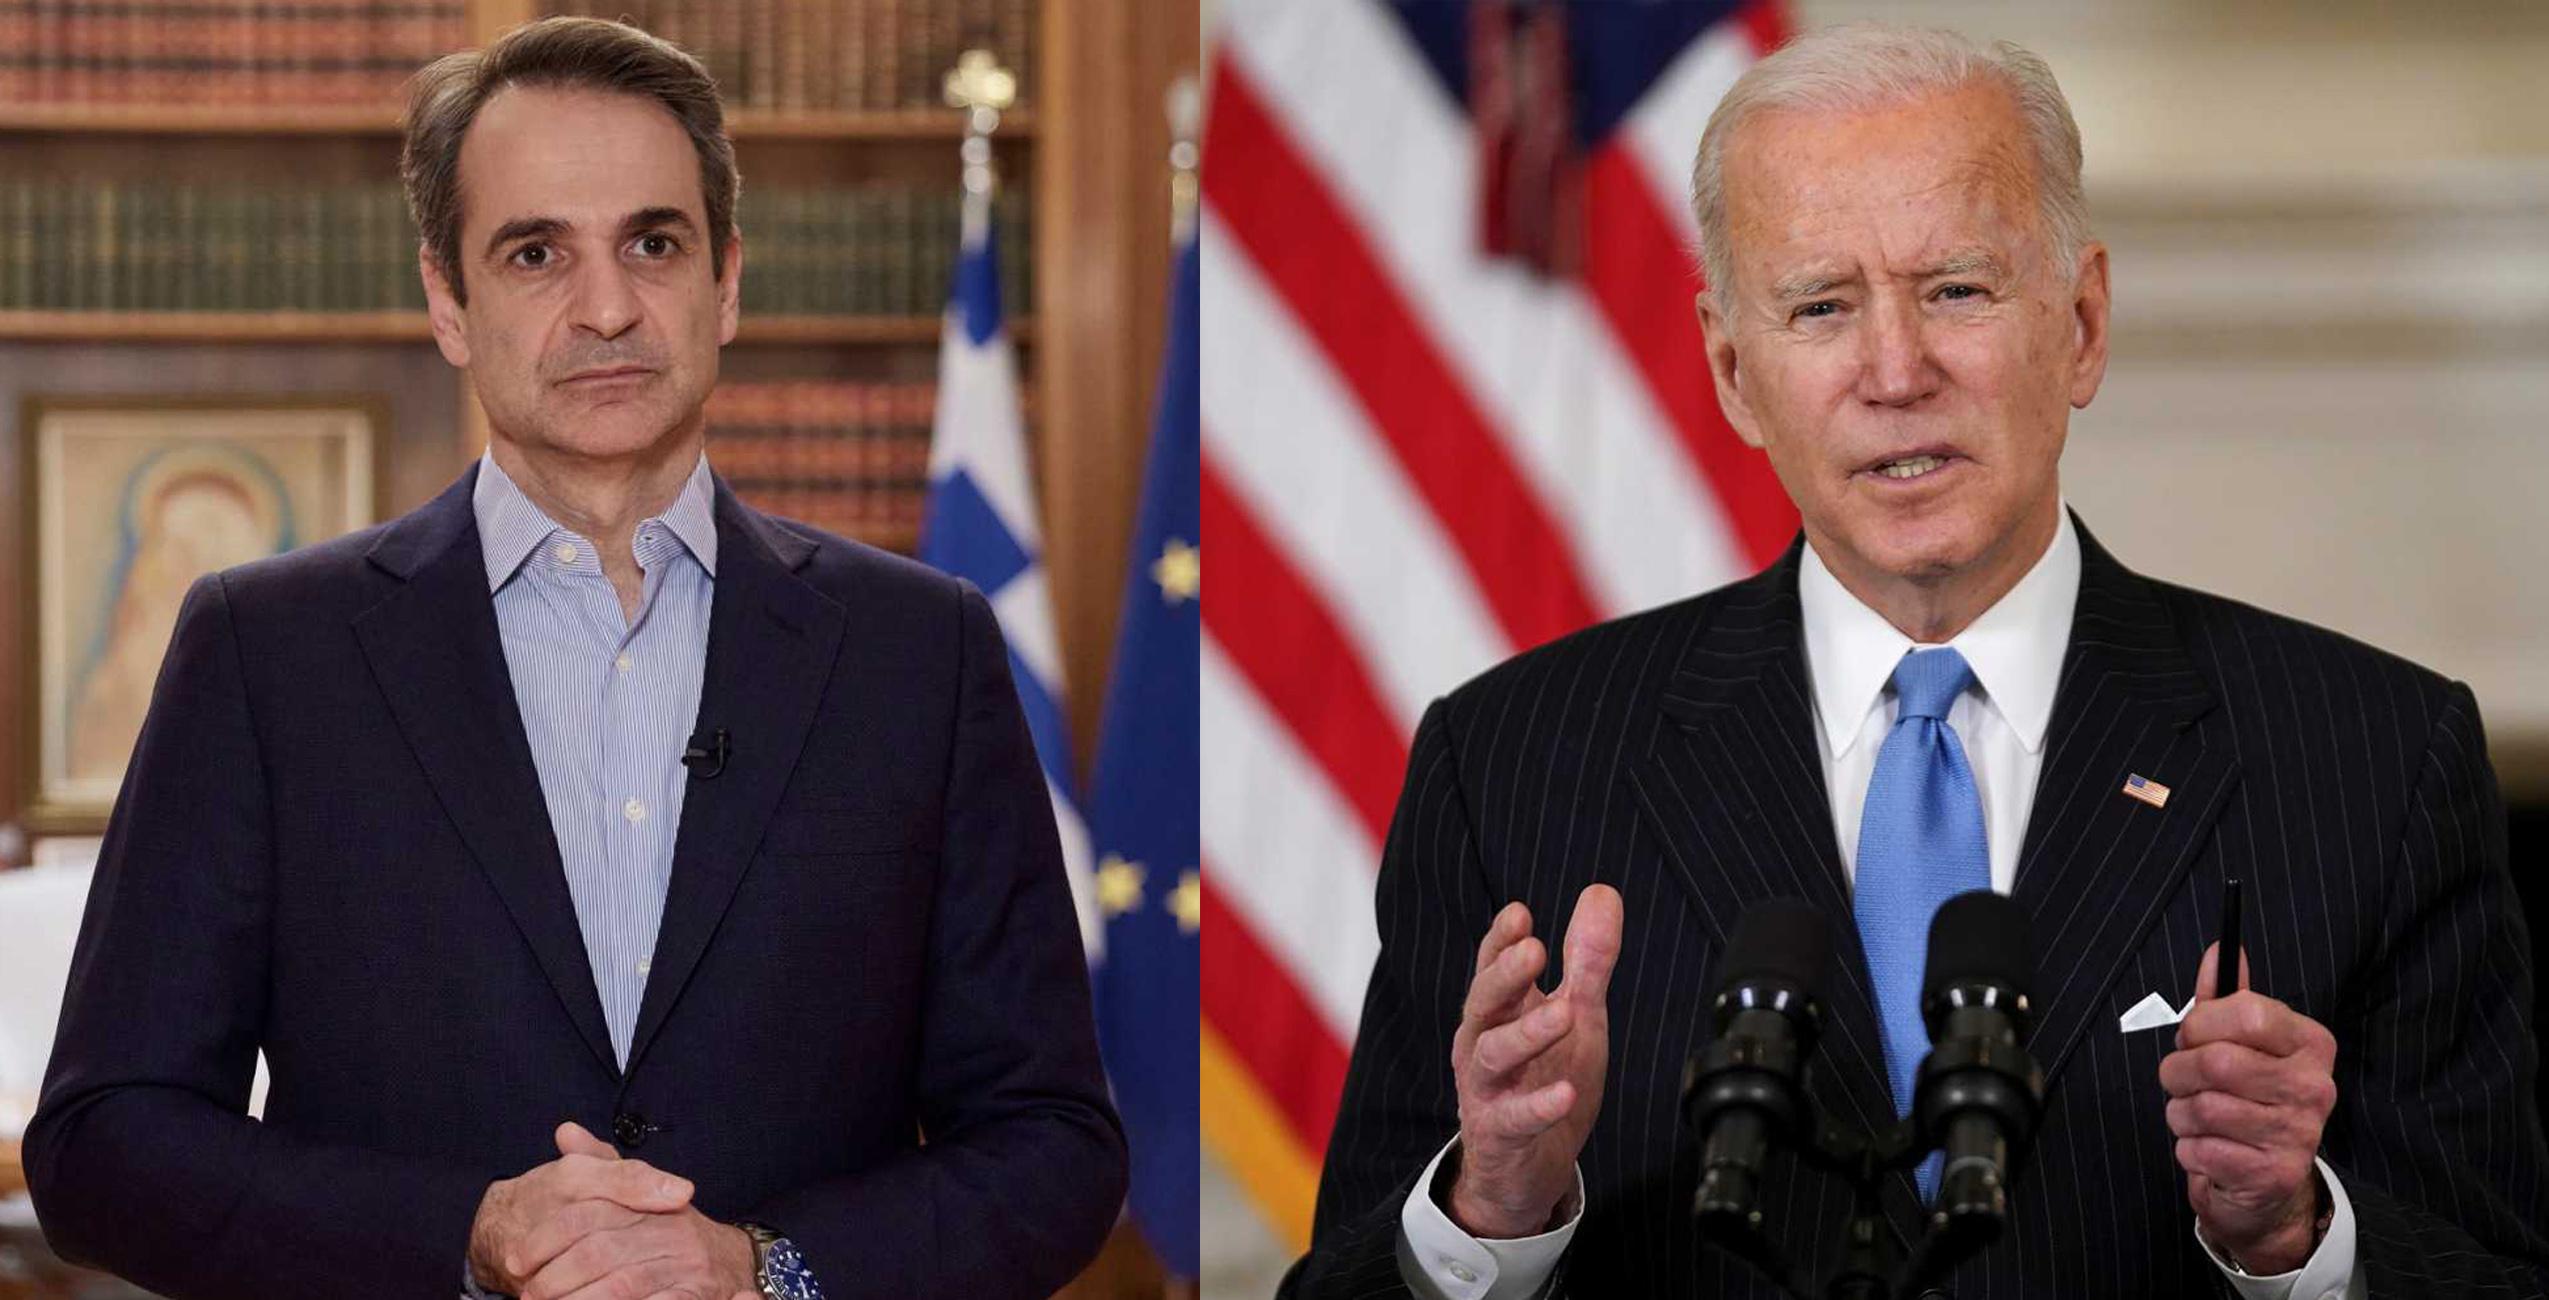 Μητσοτάκης – Μπάιντεν: Σταθερότητα στην ανατολική Μεσόγειο και εμβάθυνση των ελληνοαμερικανικών σχέσεων